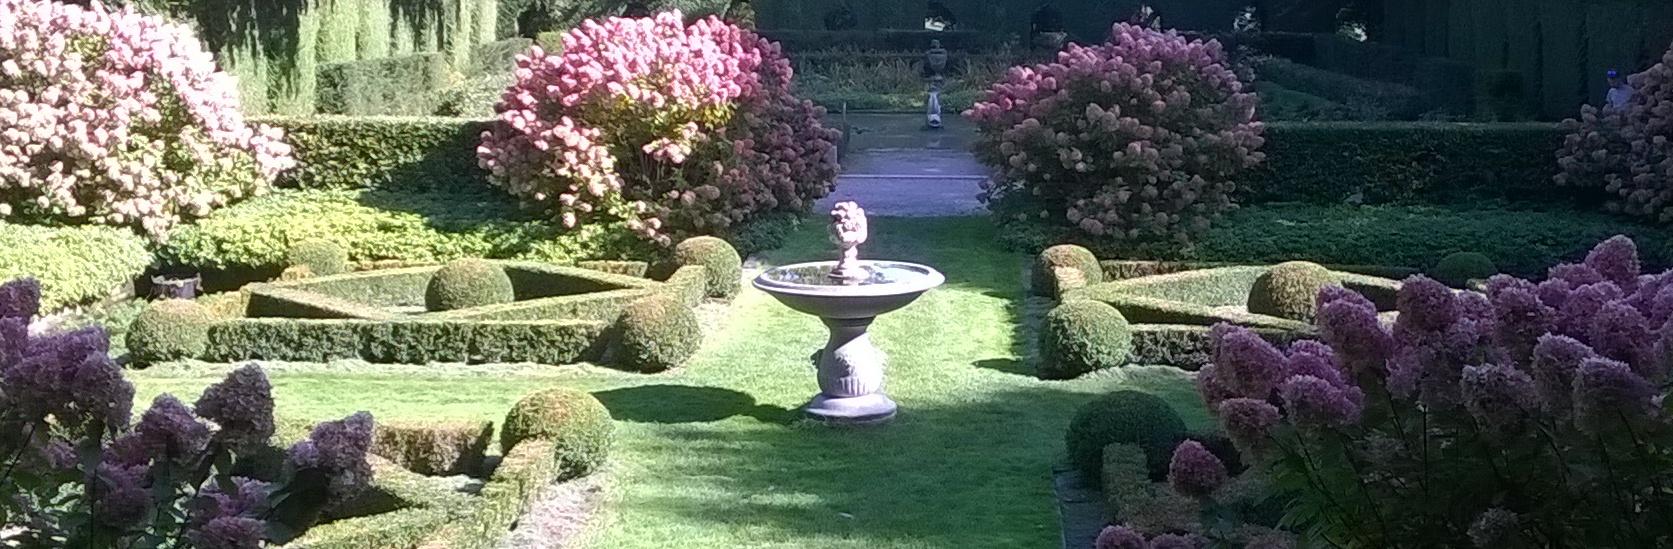 Visite du parc botanique de Haute-bretagne à Fougères